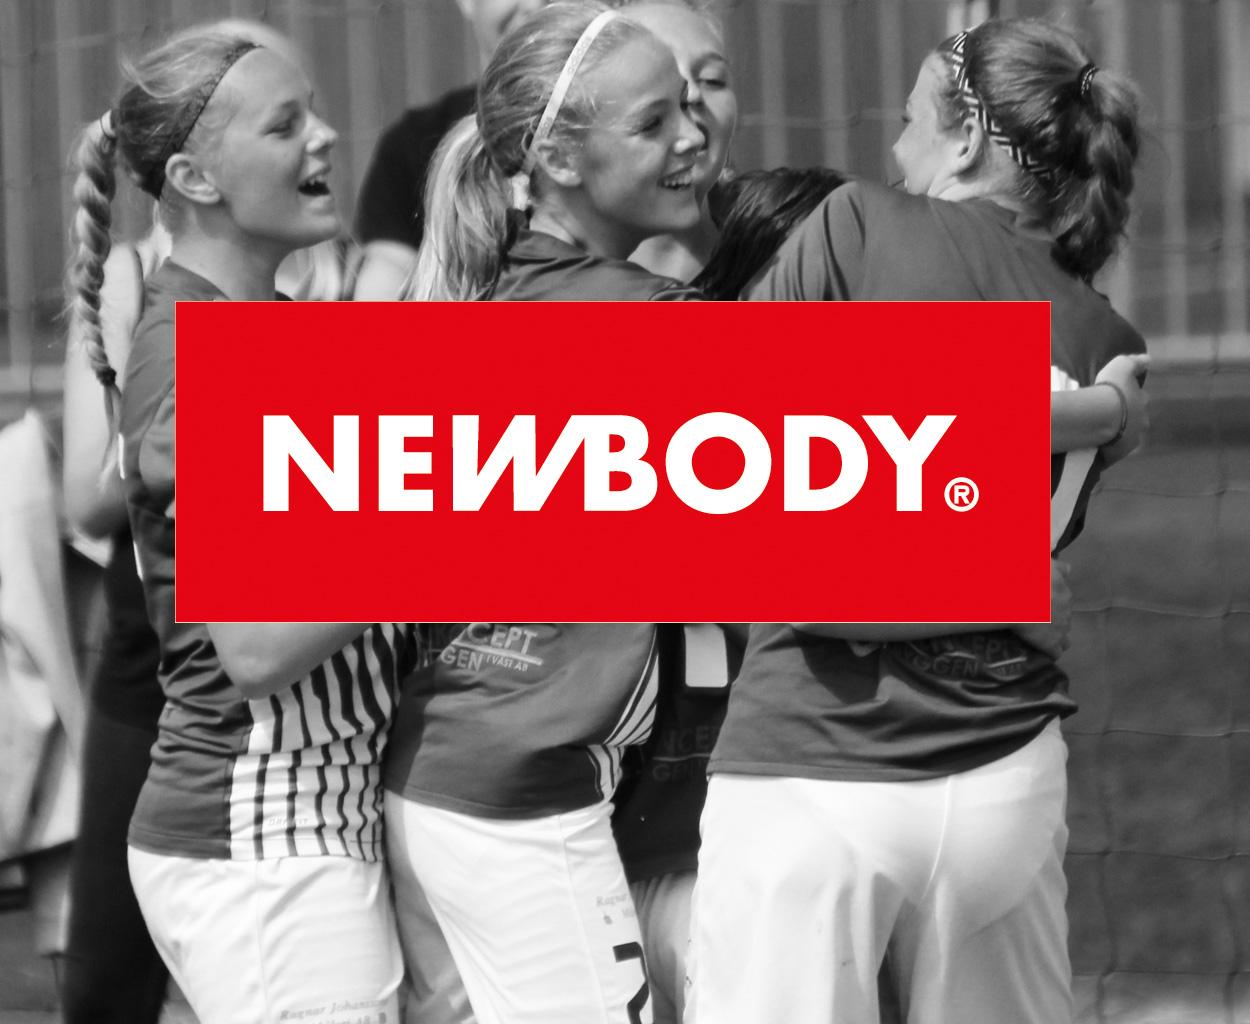 ungdomsfotboll se newbody sant ungdomsfotboll se